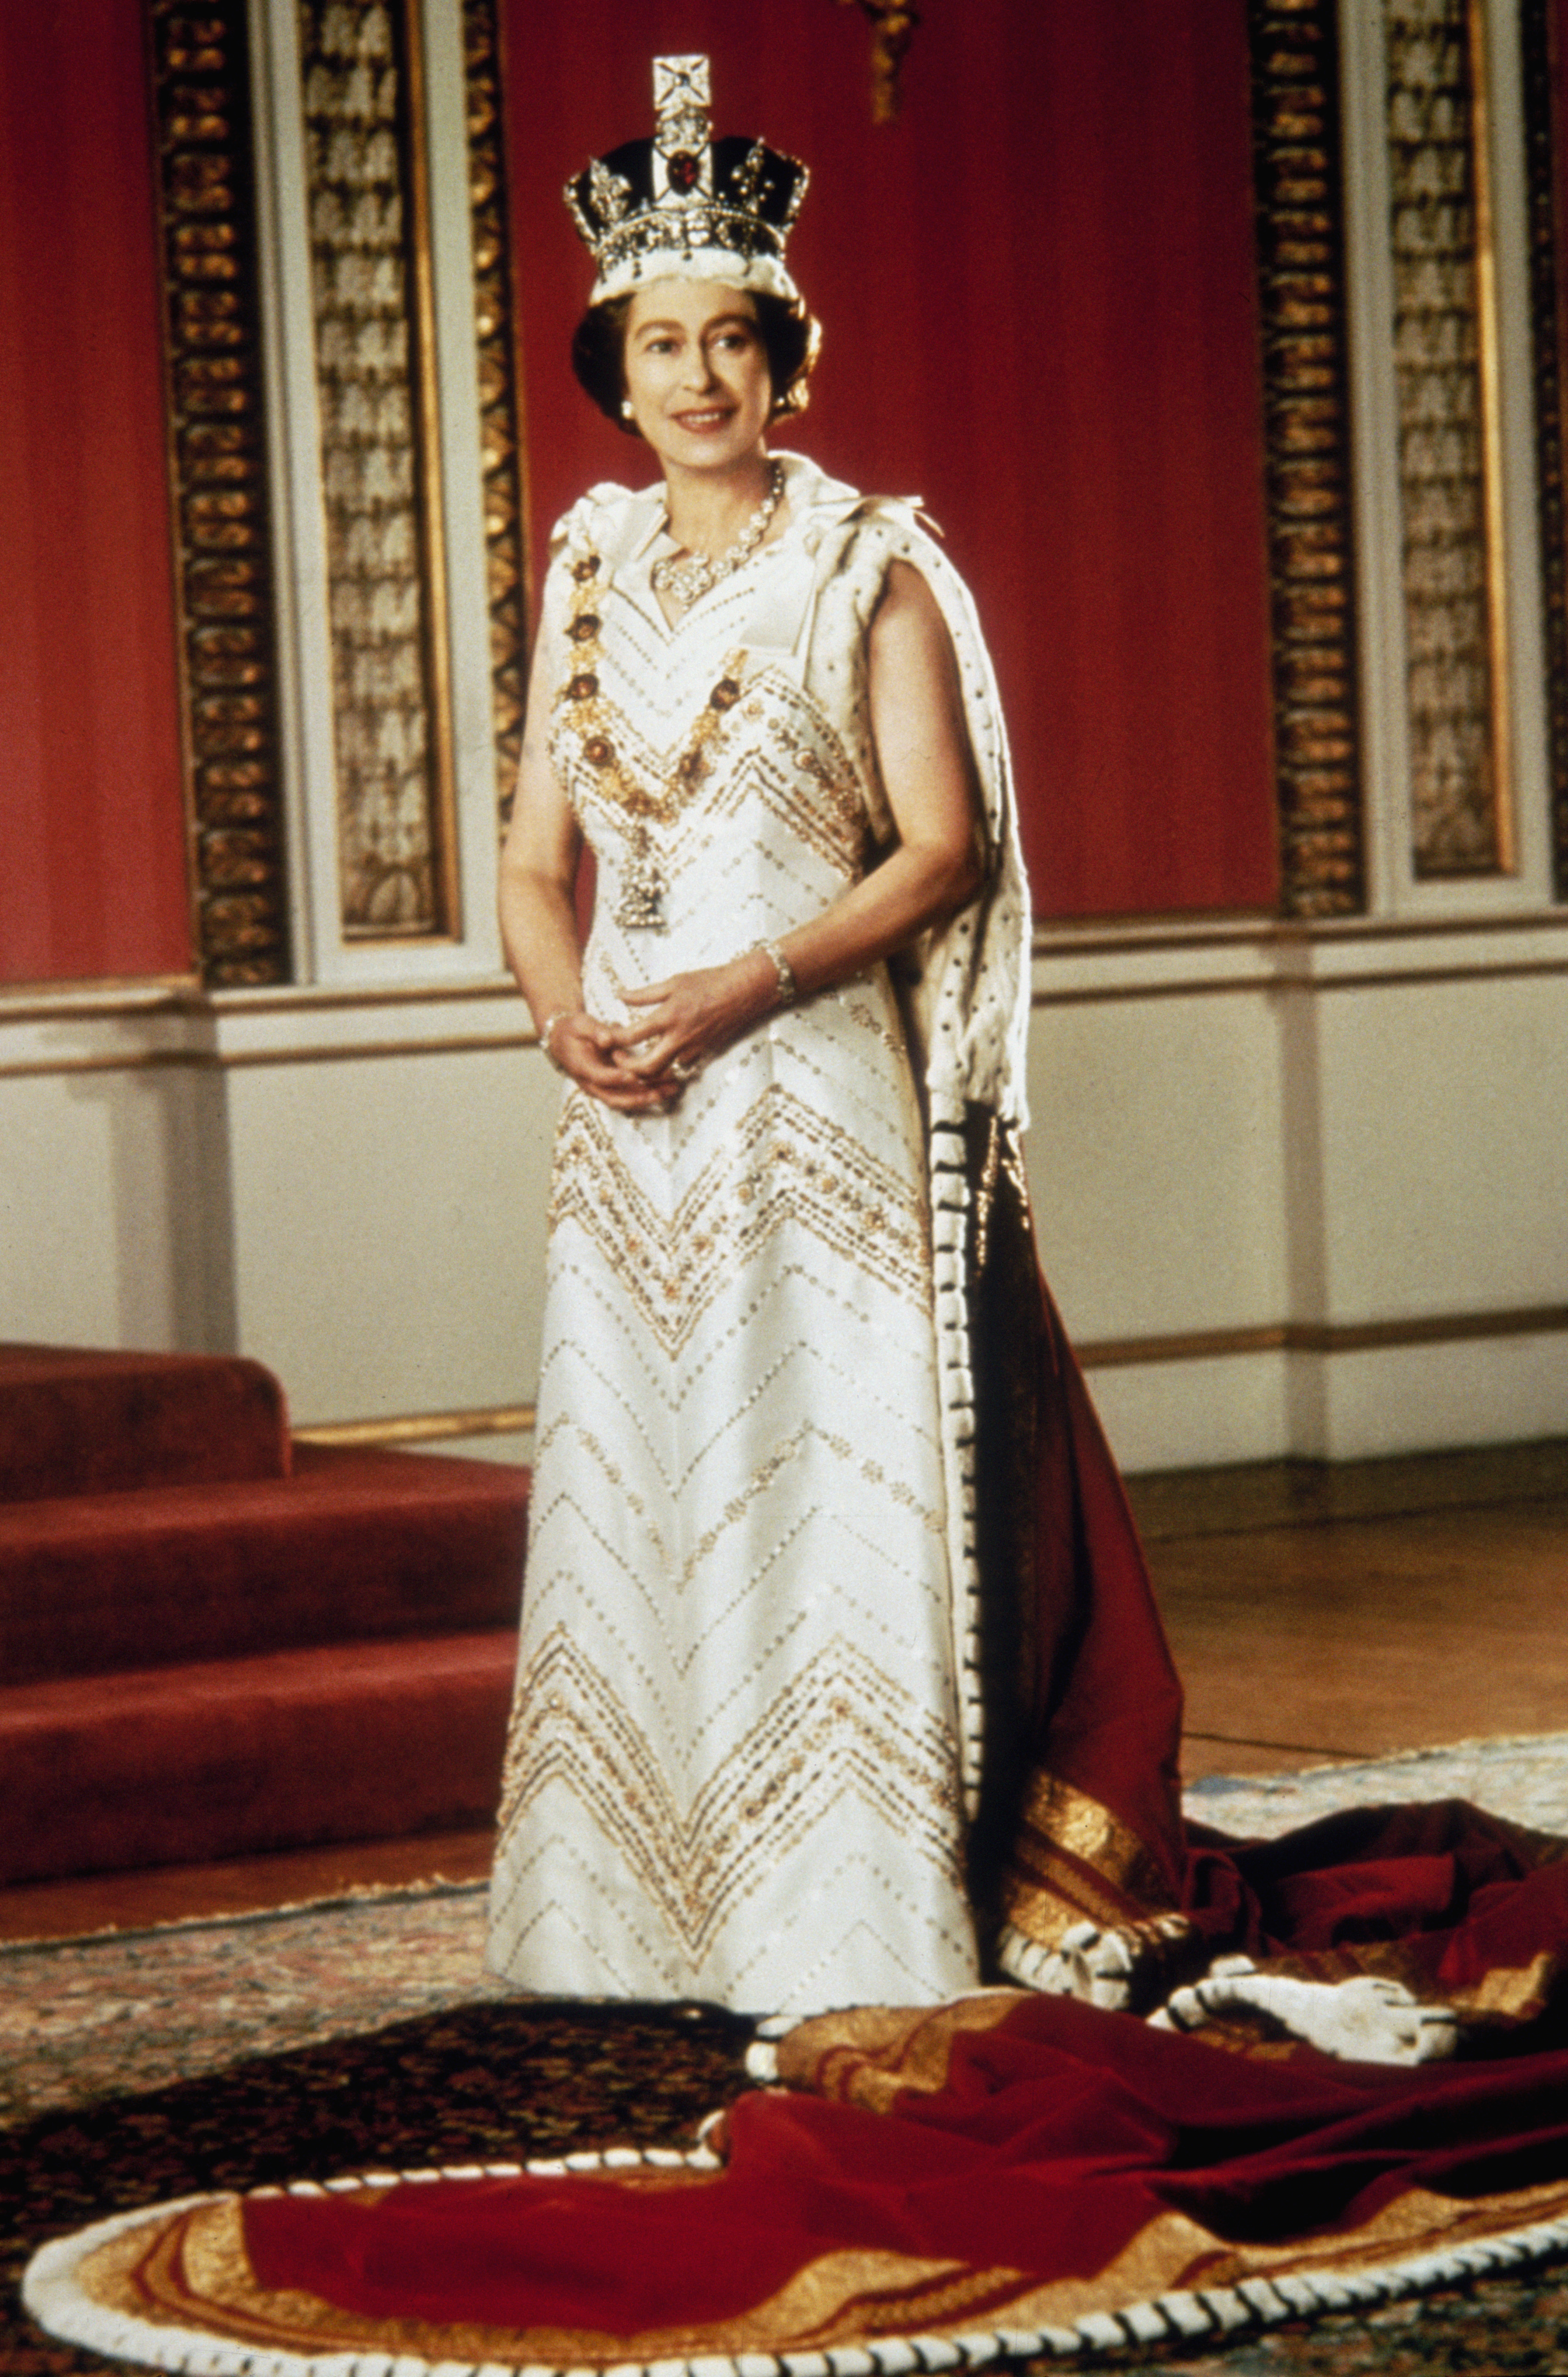 Queen Elizabeth Silver Jubilee Getty Images